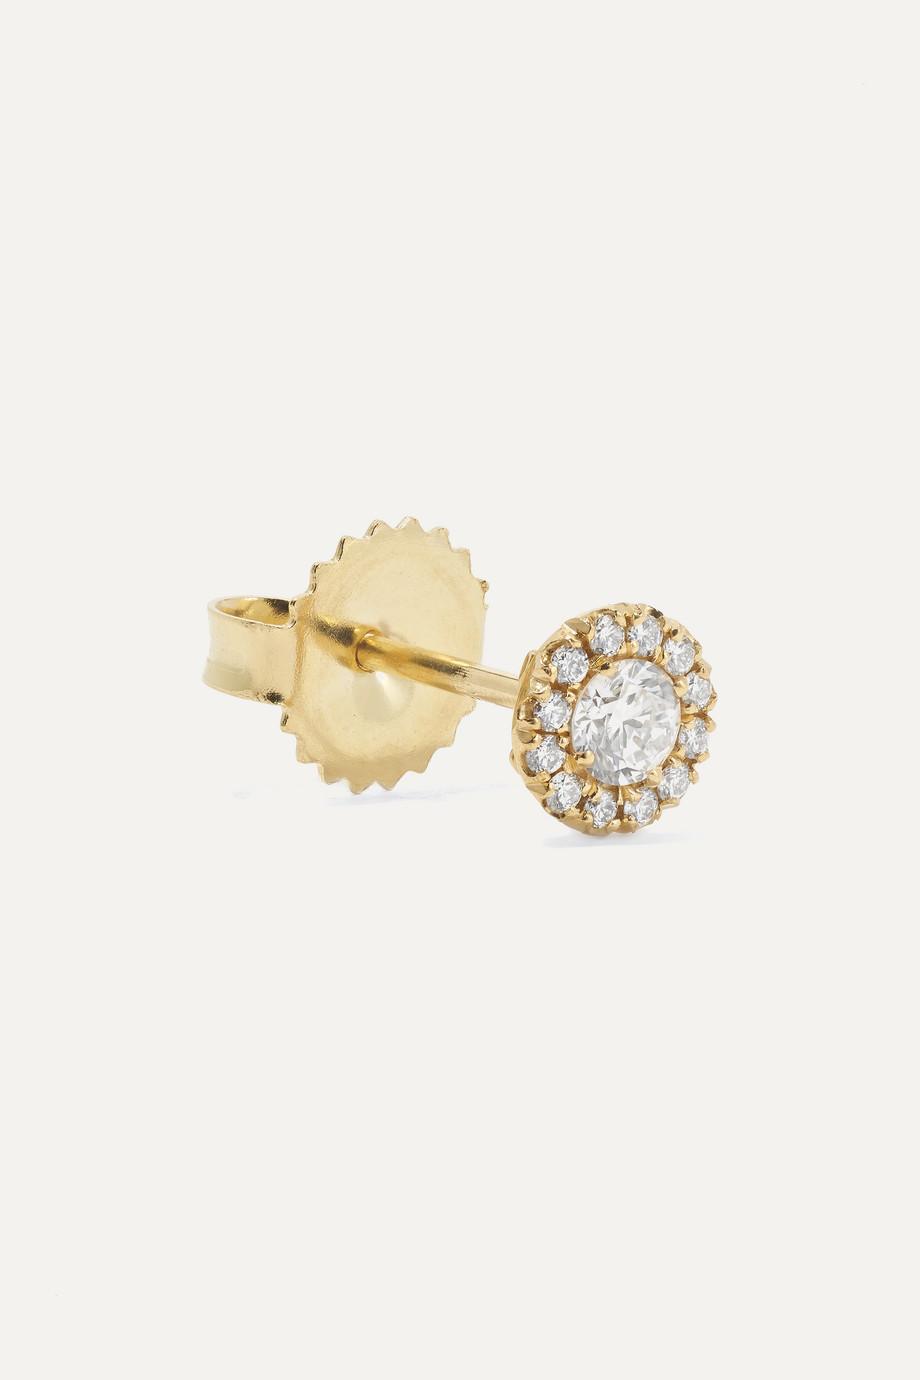 Suzanne Kalan Boucles d'oreilles en or 18carats et diamants